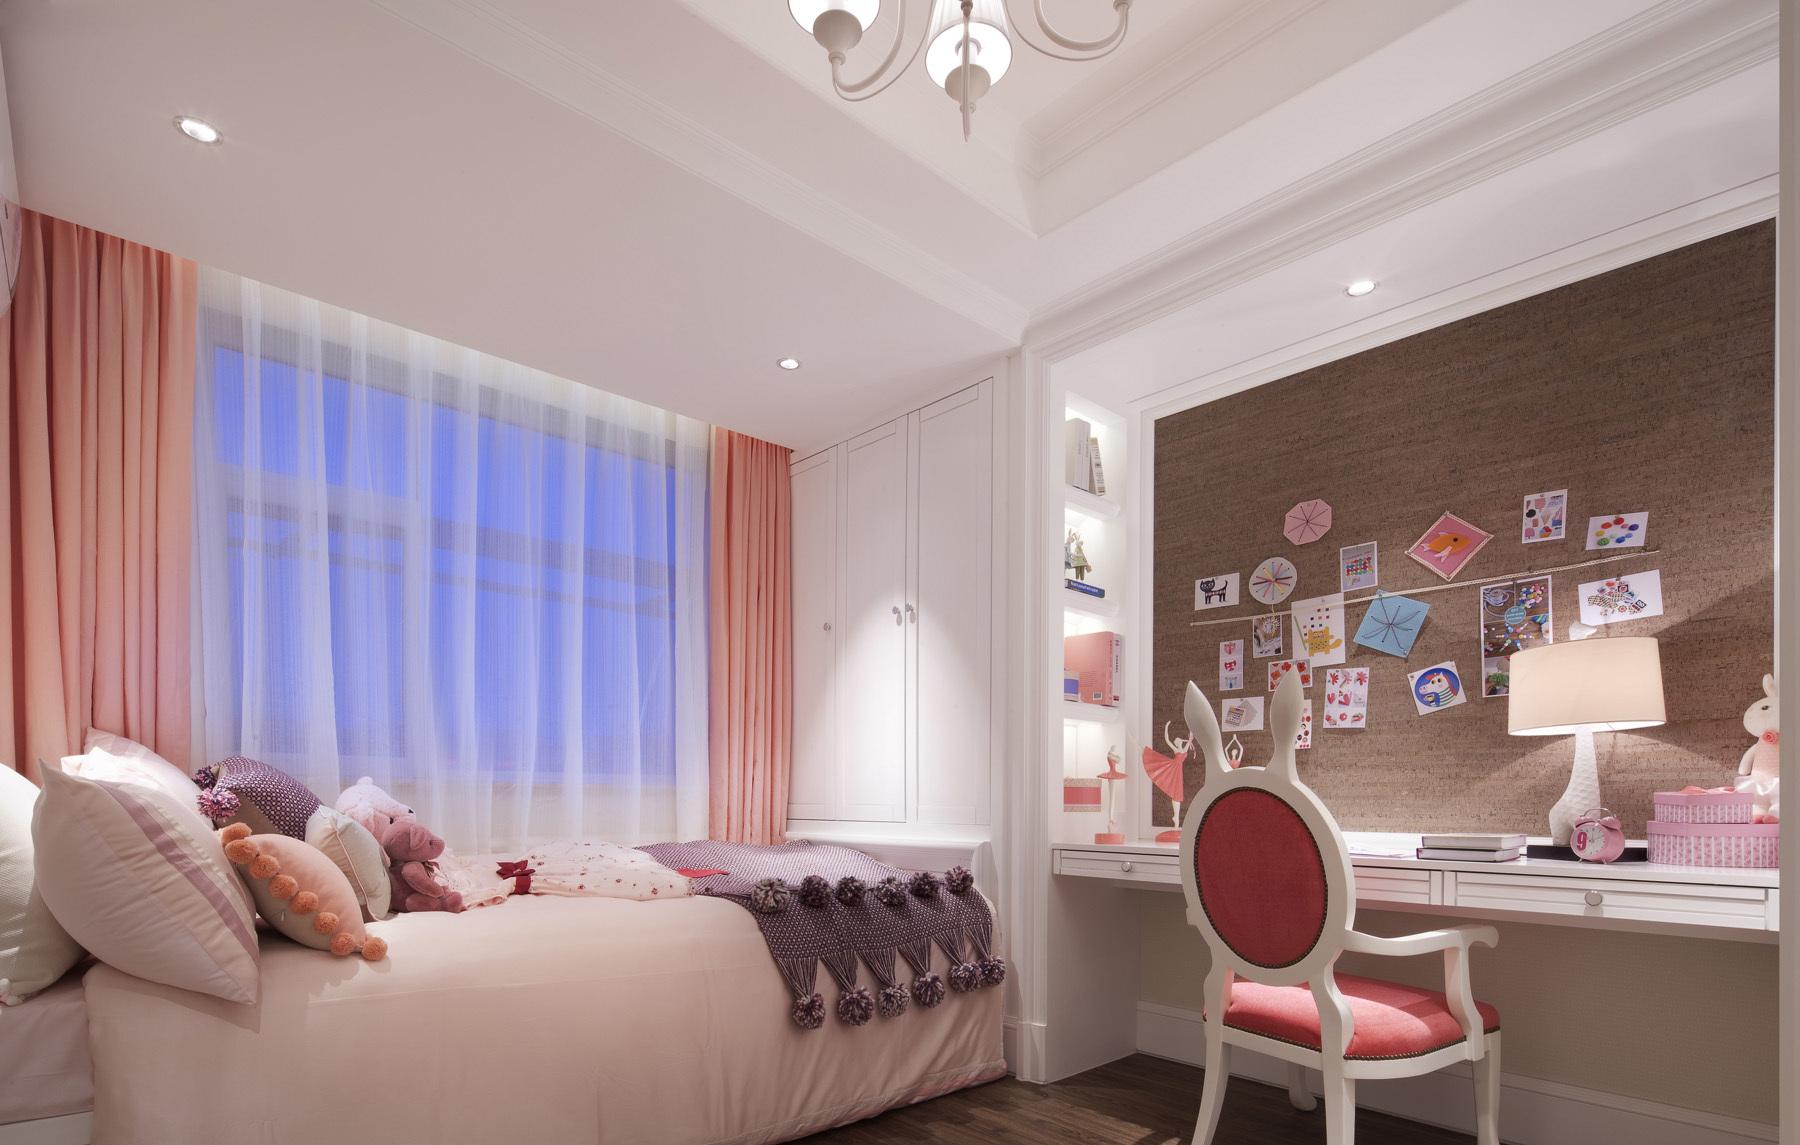 粉色调美式风格儿童房装修效果图